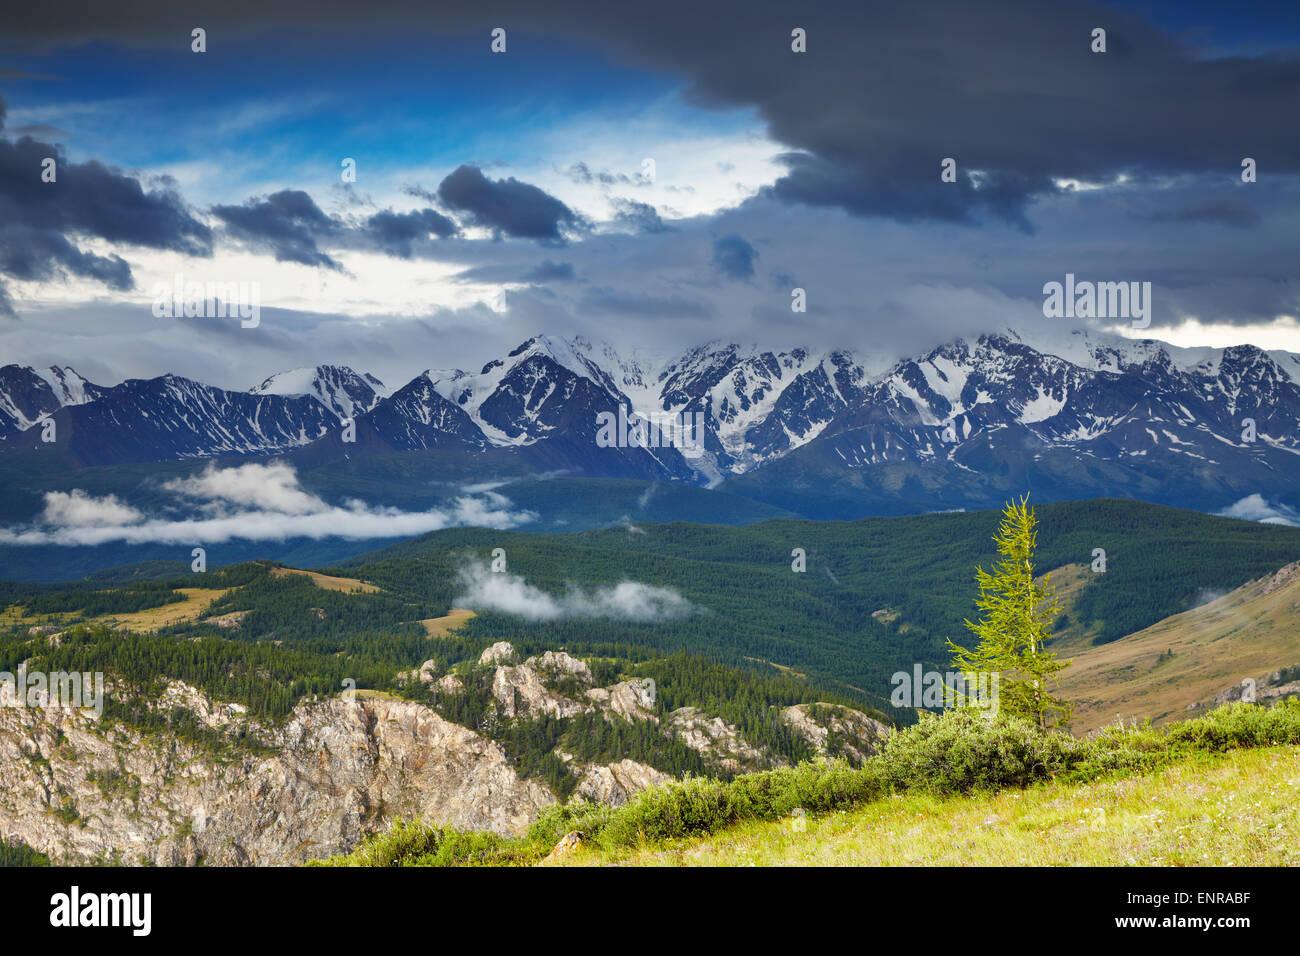 Paysage avec des montagnes de neige et ciel nuageux Photo Stock